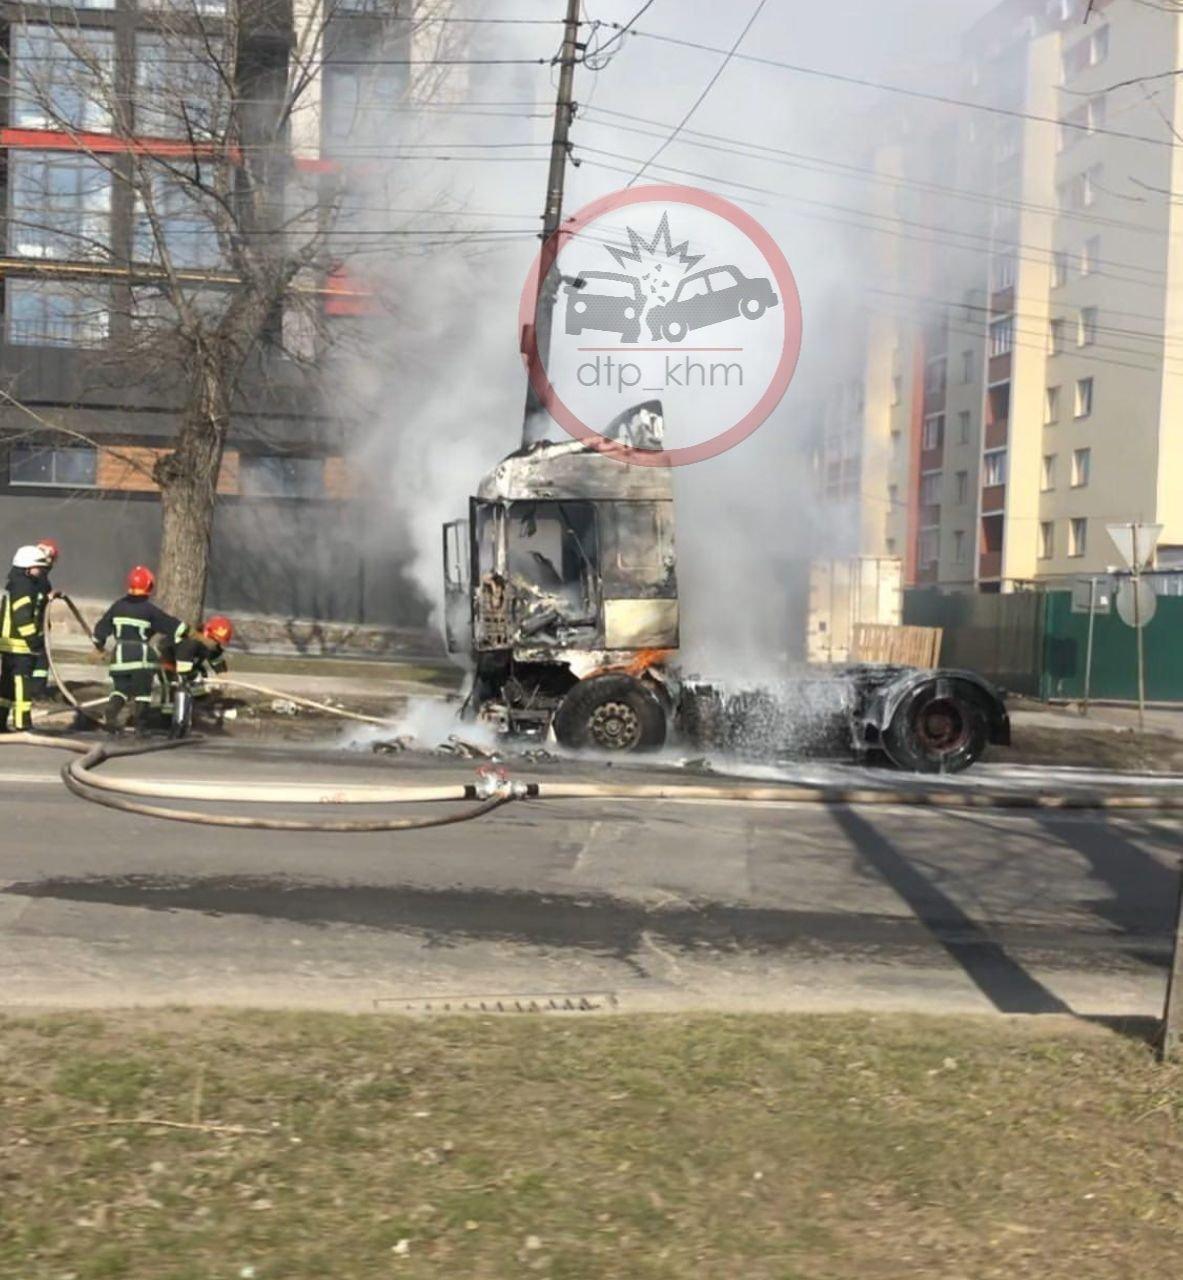 У Хмельницькому біля автовокзалу згоріла вантажівка (фото, відео, оновлено), фото-1